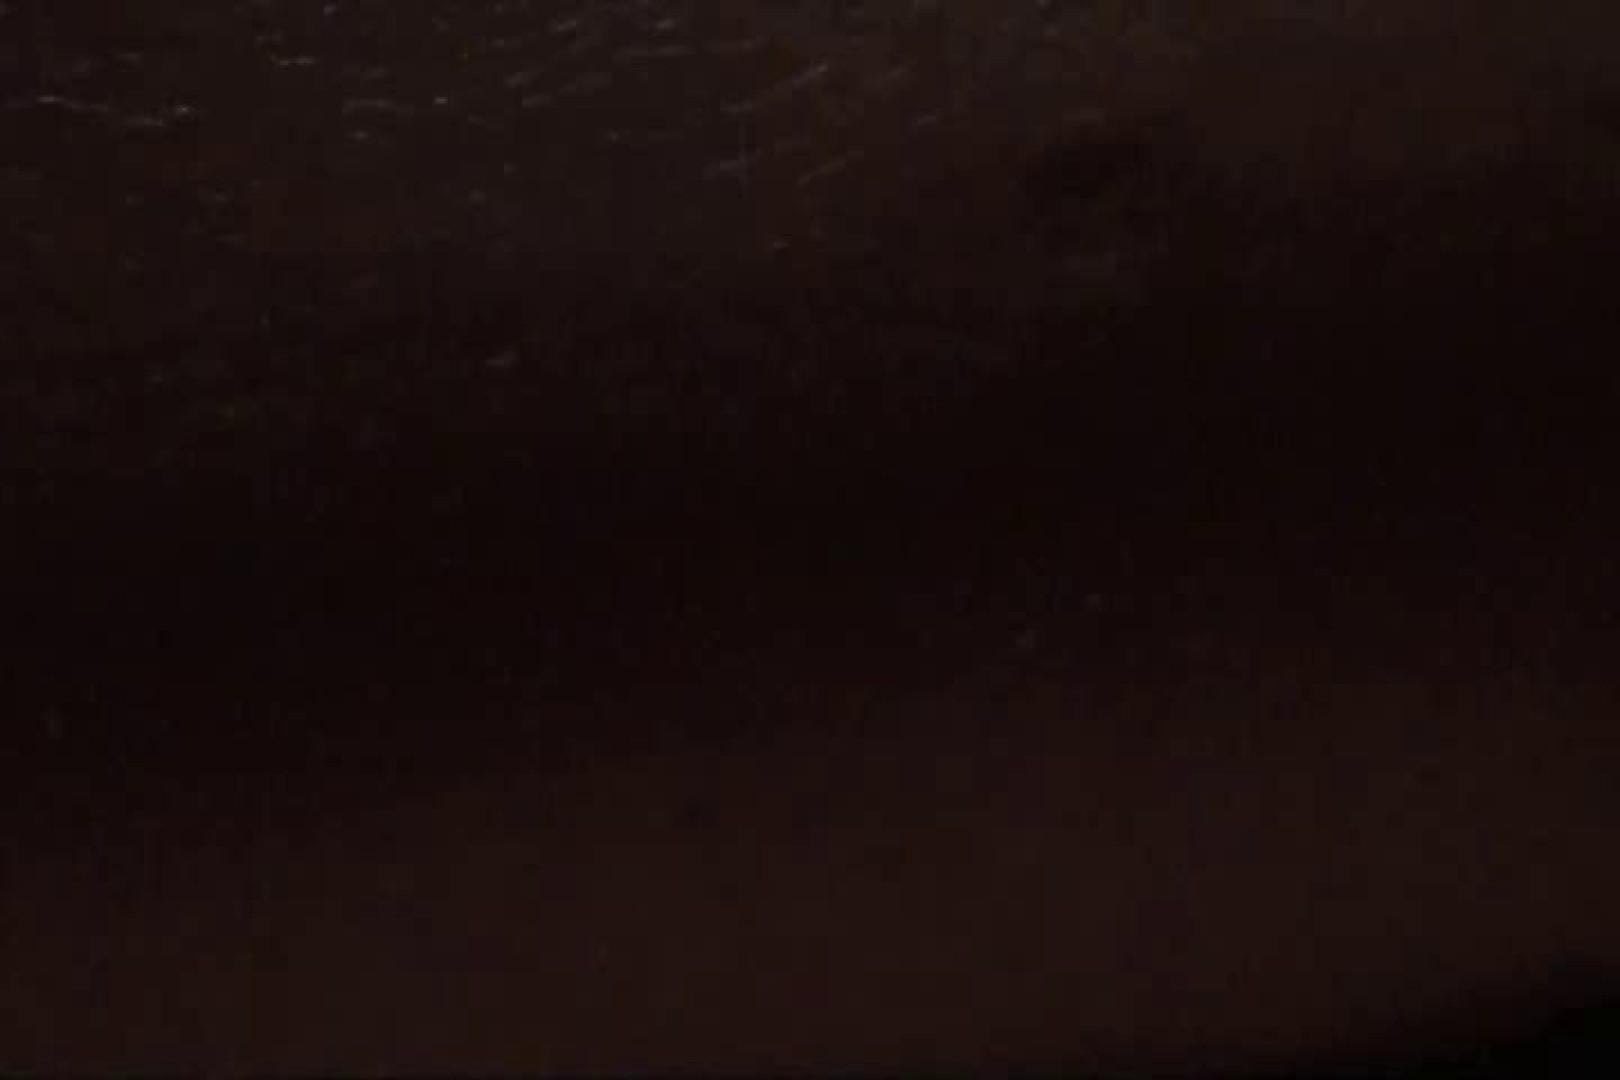 独占配信! ●罪証拠DVD 起きません! vol.06 イタズラ動画 ワレメ動画紹介 96PIX 56